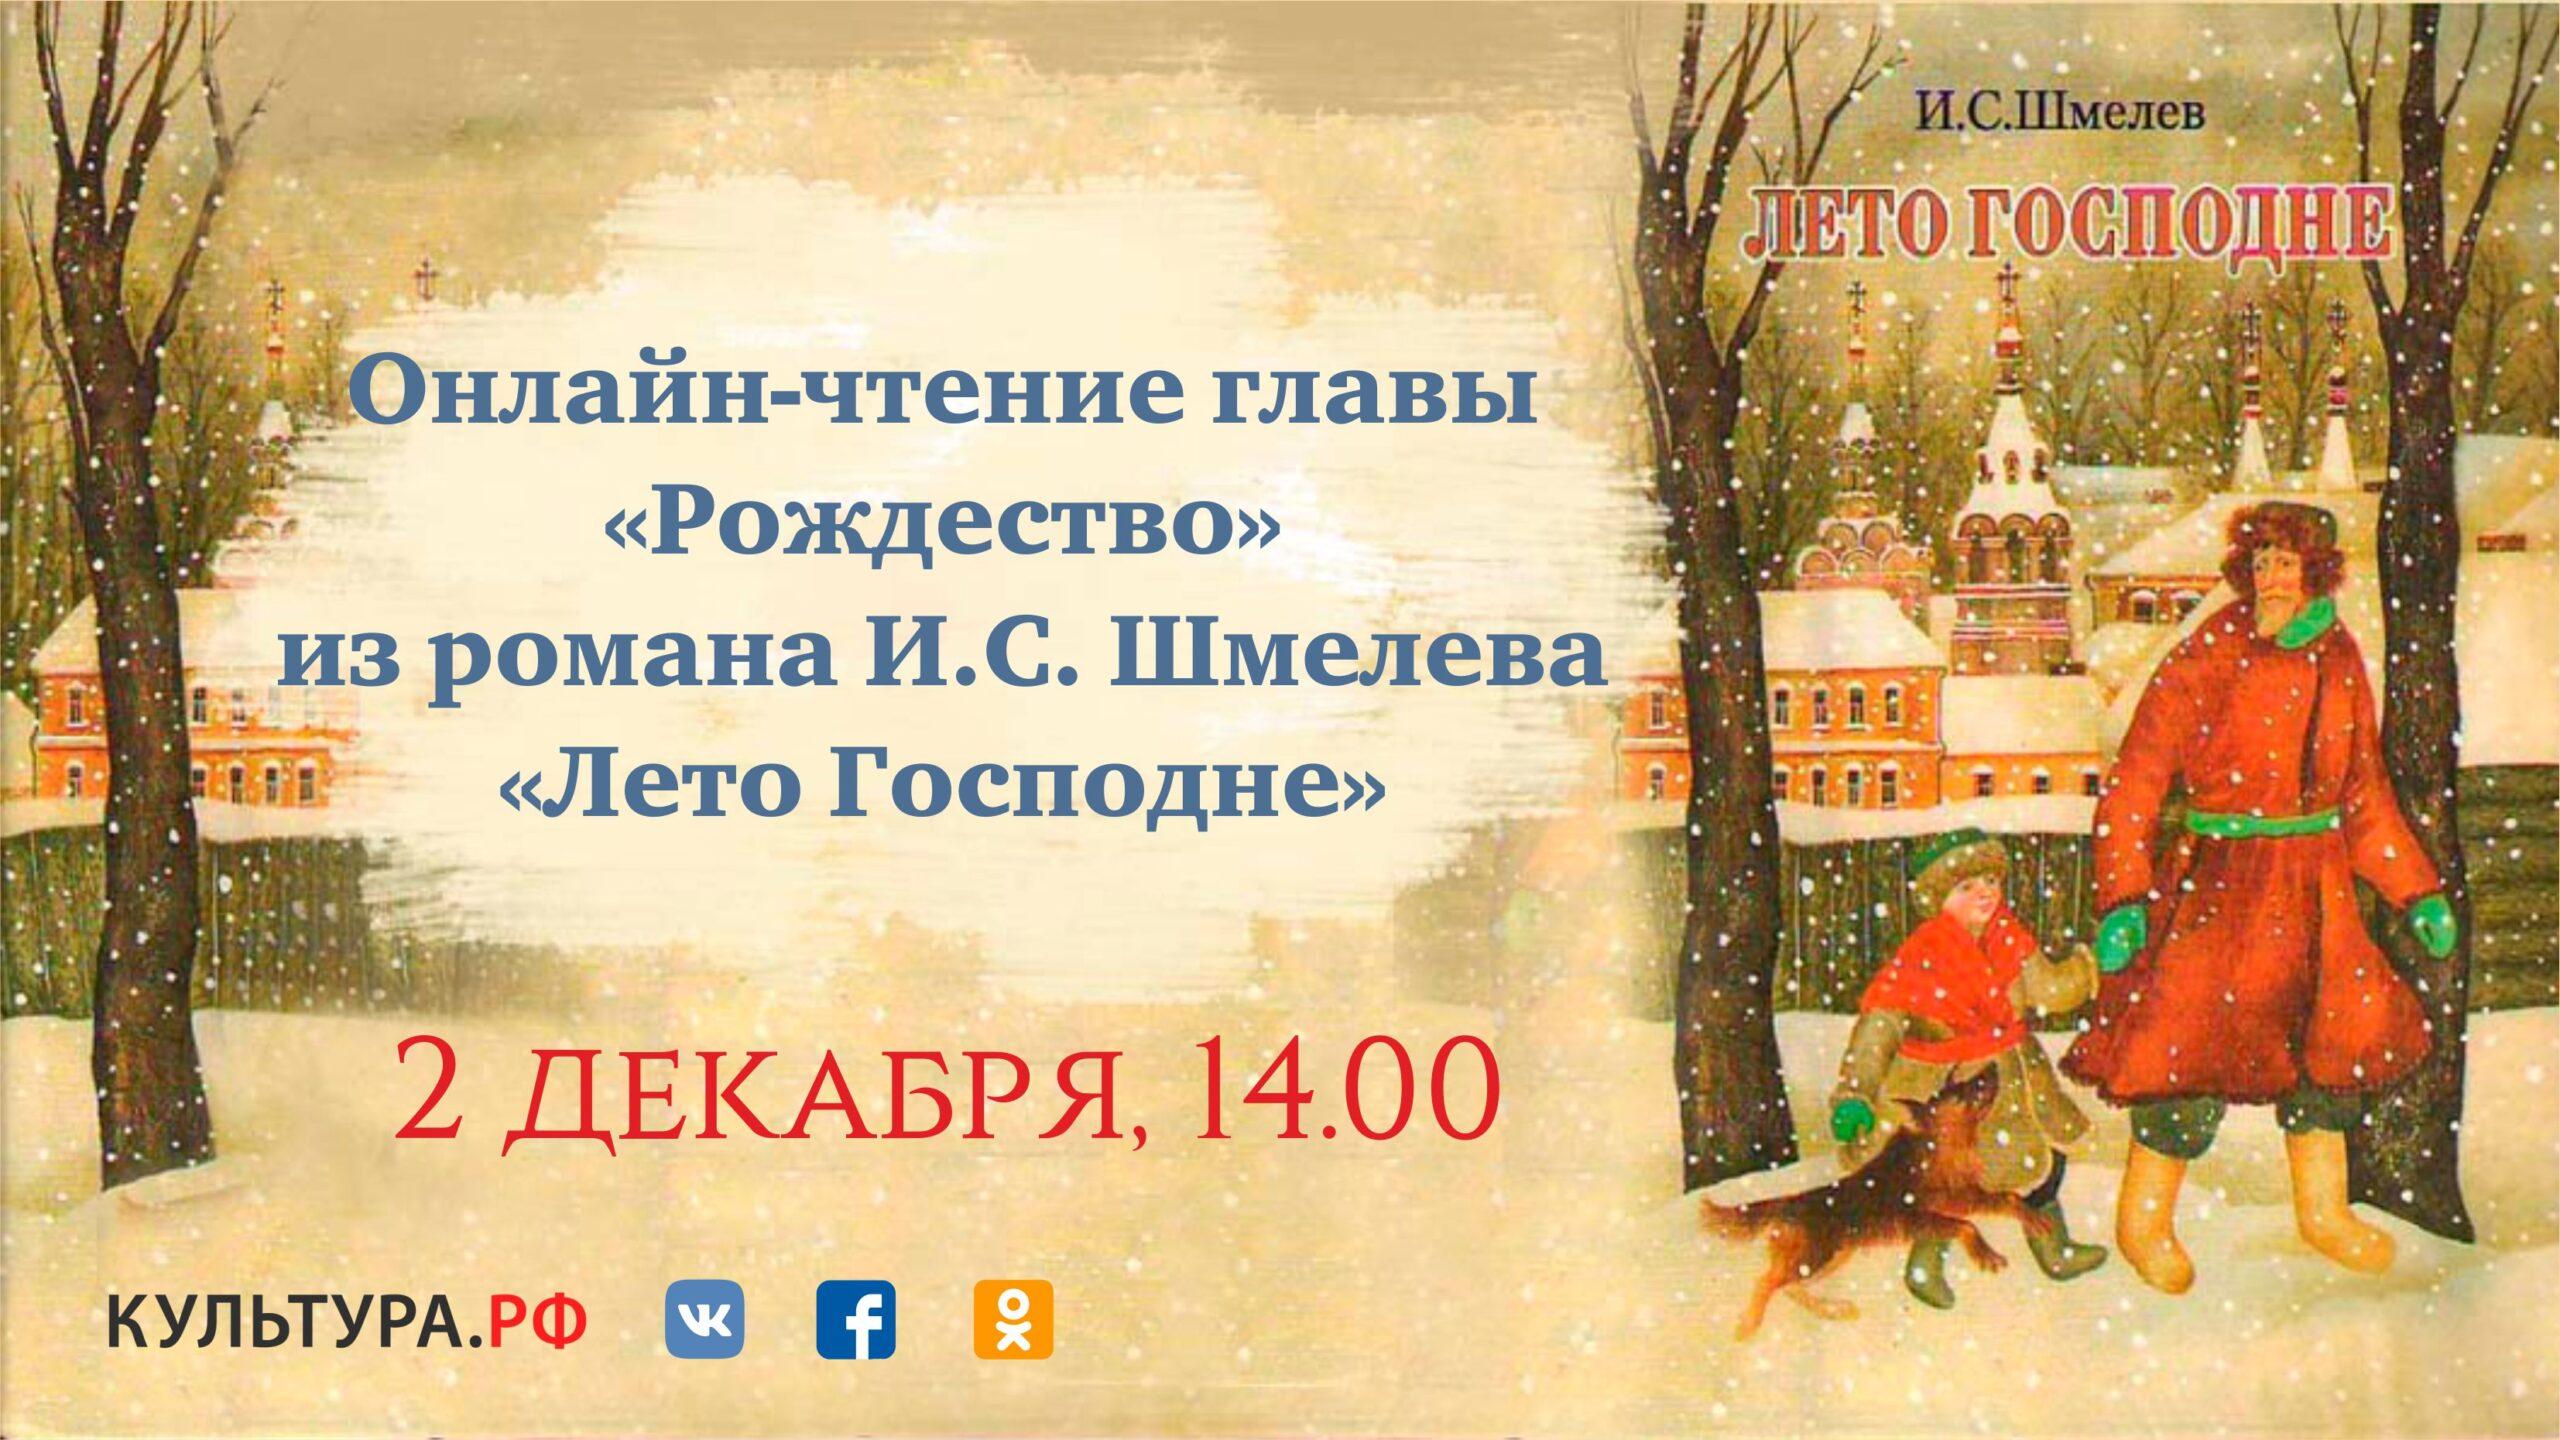 Лето Господне. Афиша чтения главы Рождество Ивана Шмелева